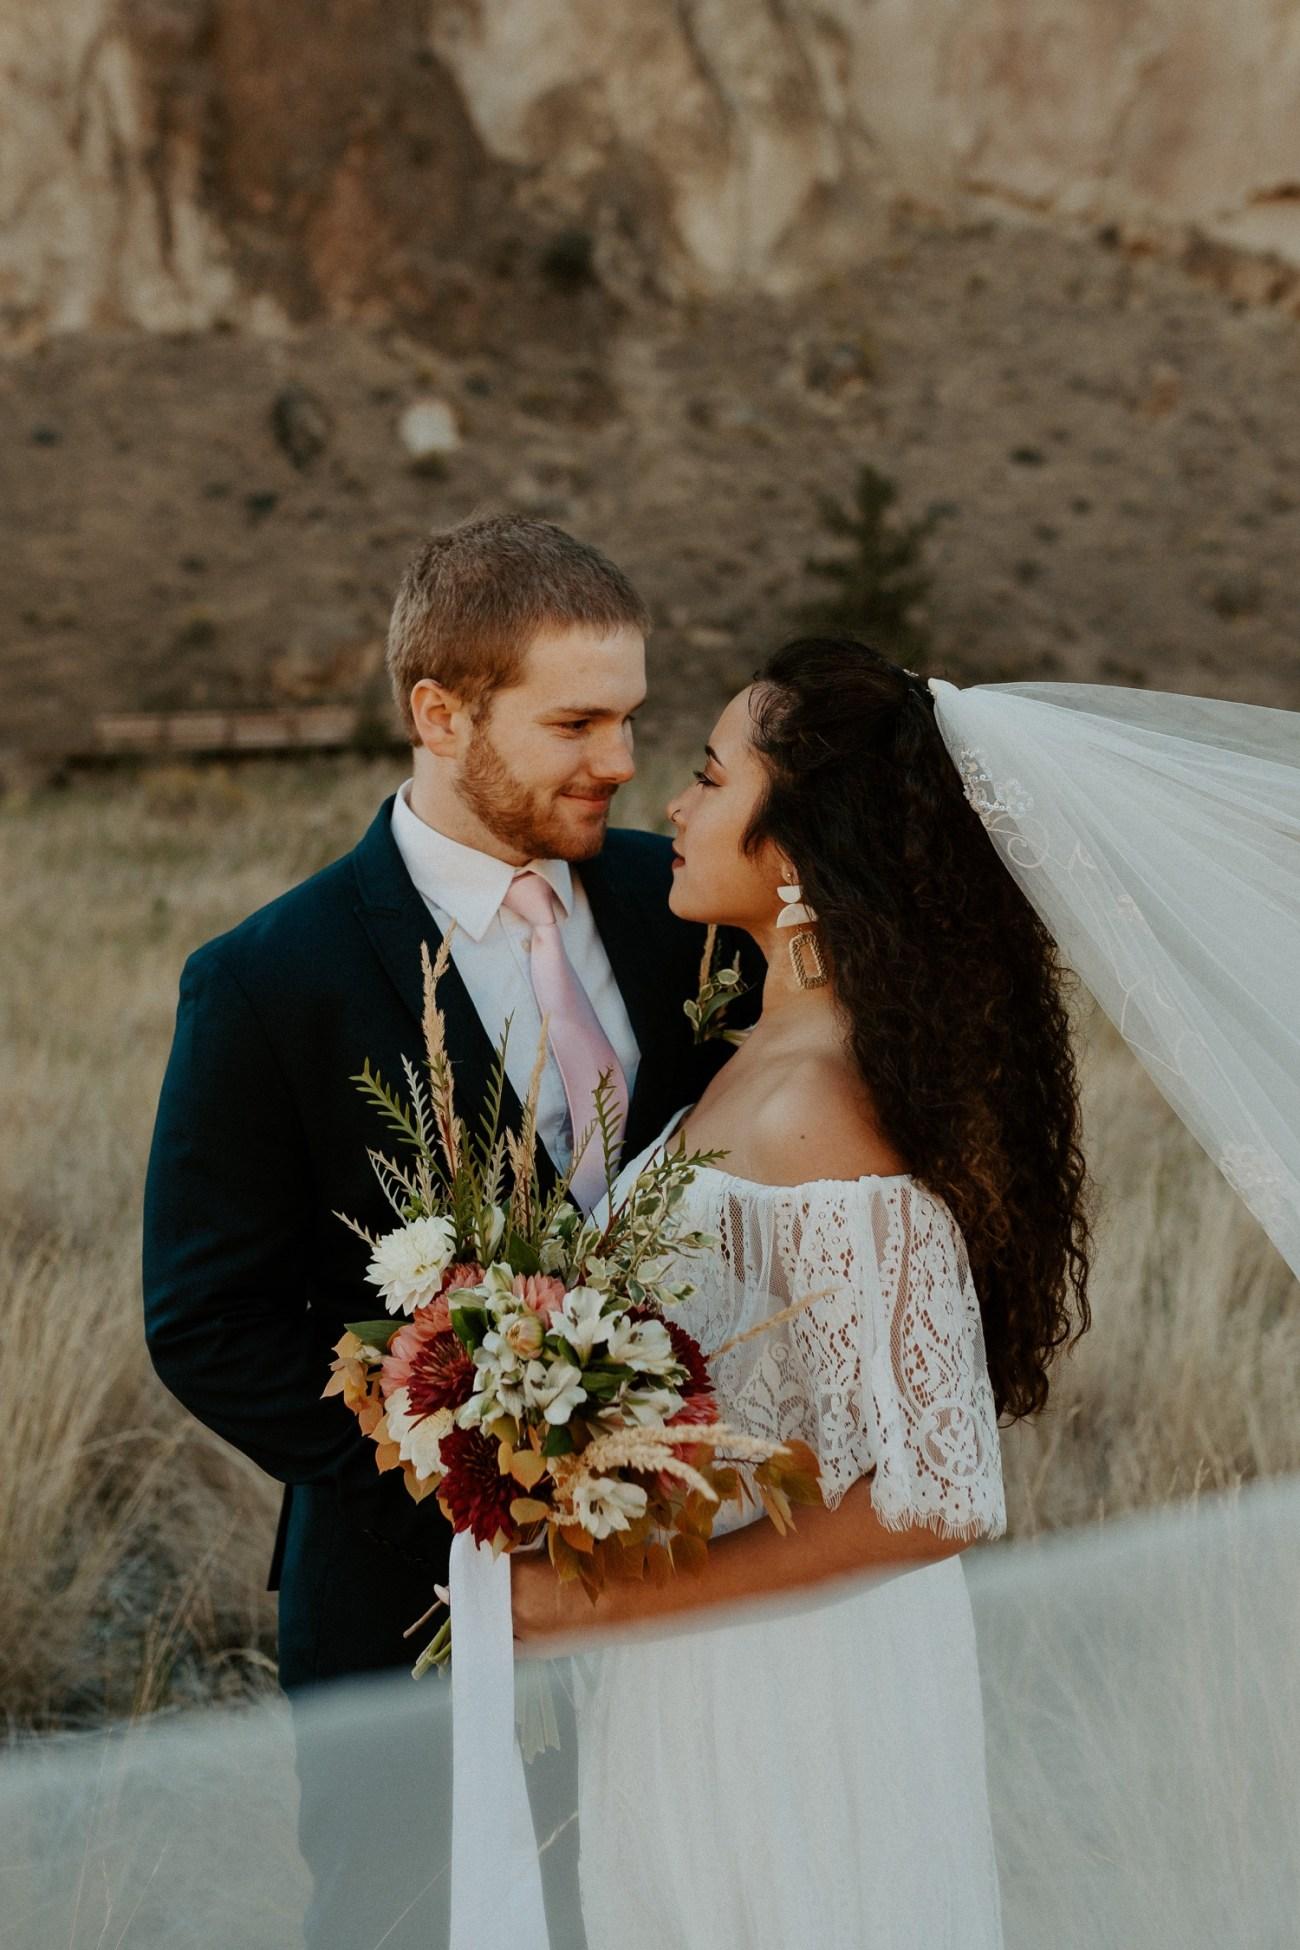 Smith Rock Elopement Bend Elopement Photographer Bend Wedding Photographer Fall Bend Wedding Anais Possamai Photography 016